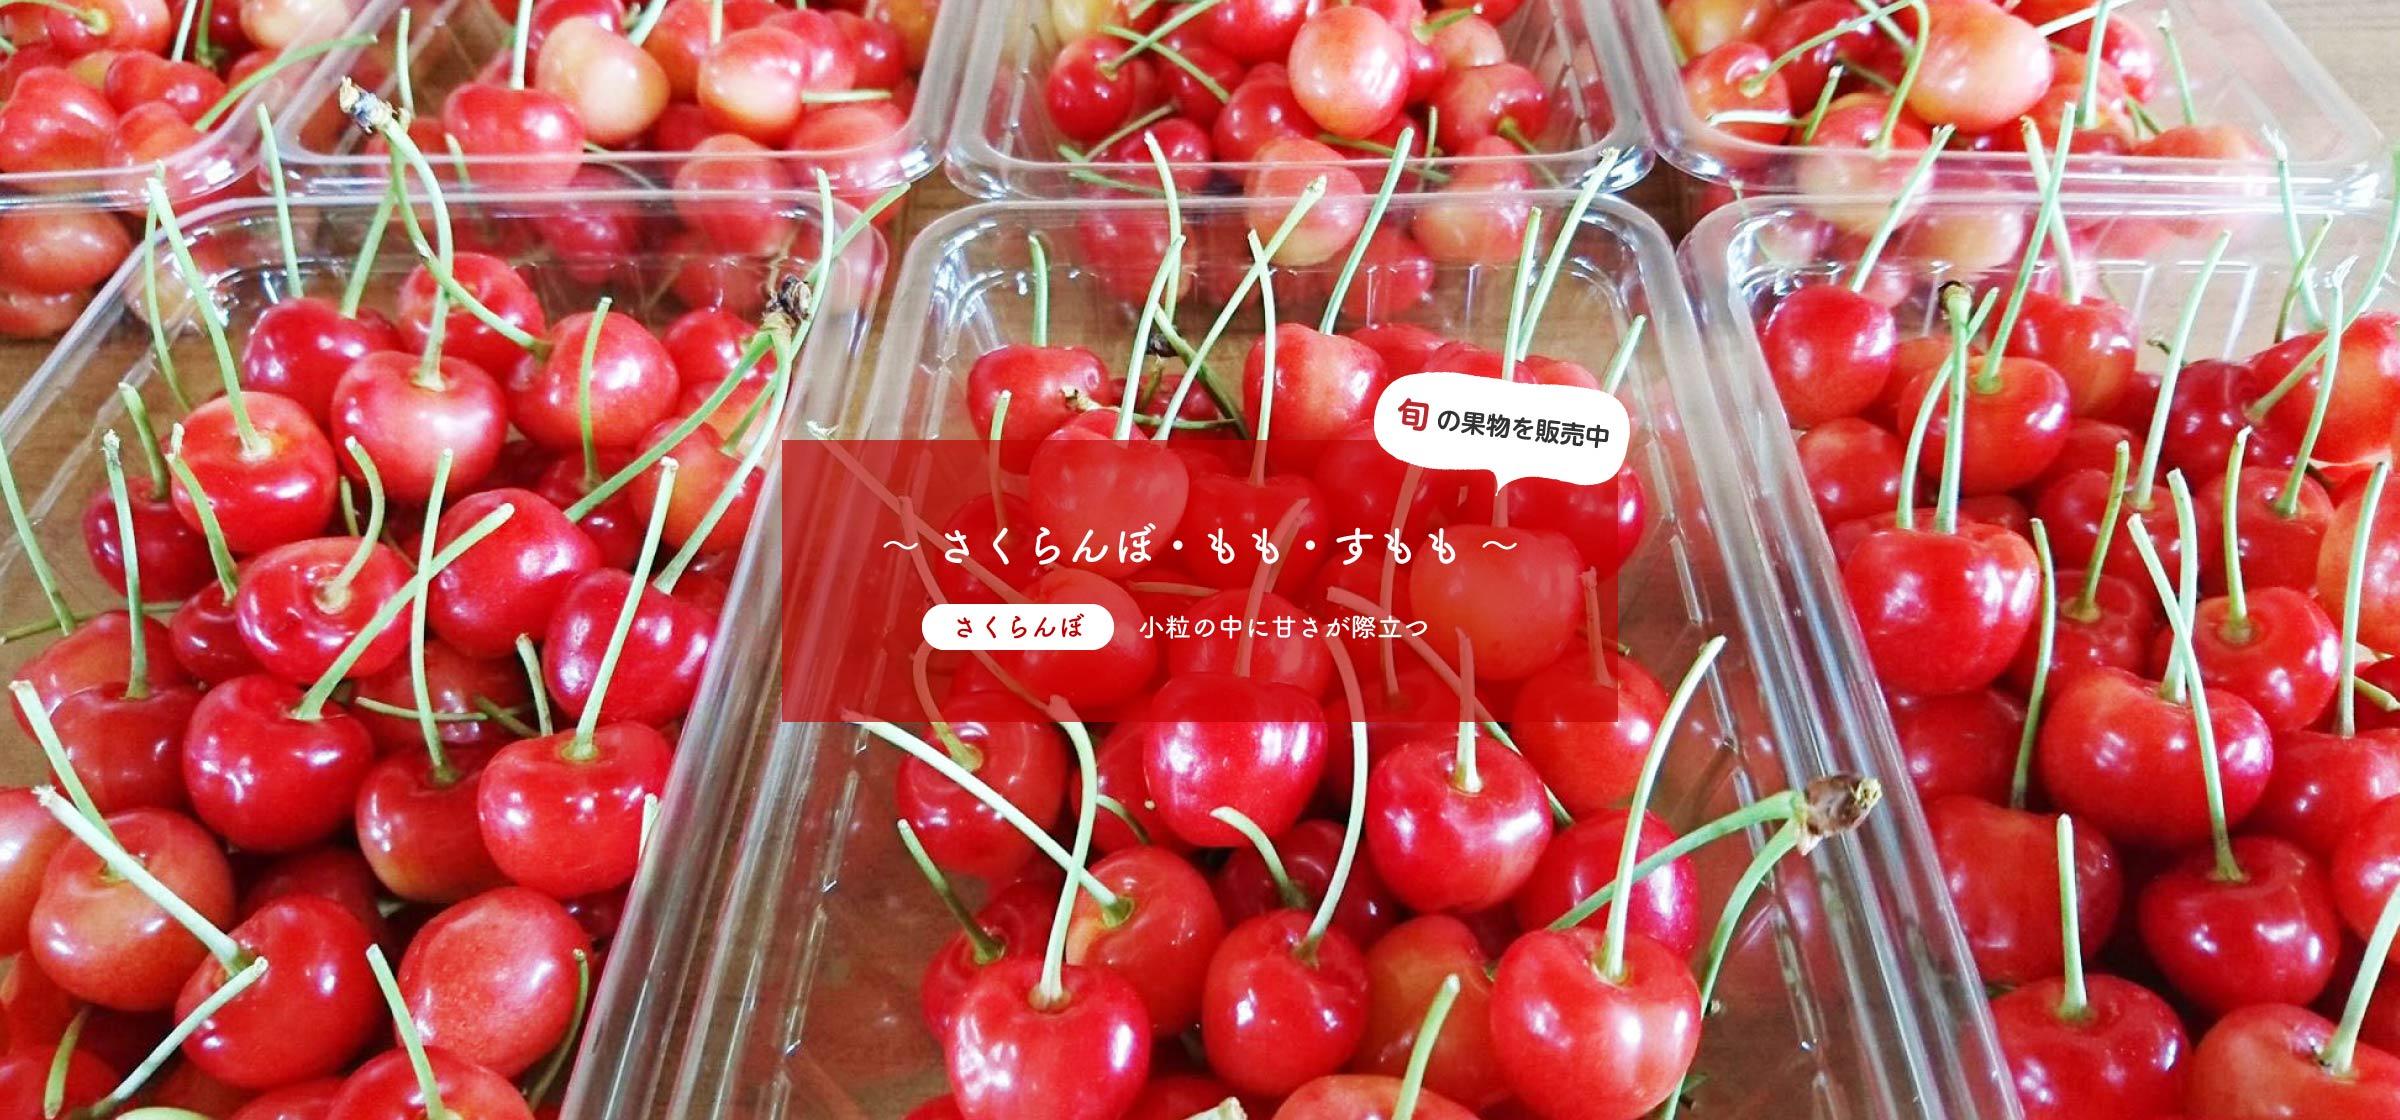 旬の果物を販売中~ さくらんぼ、もも、すもも ~さくらんぼ:小粒の中に甘さが際立つ